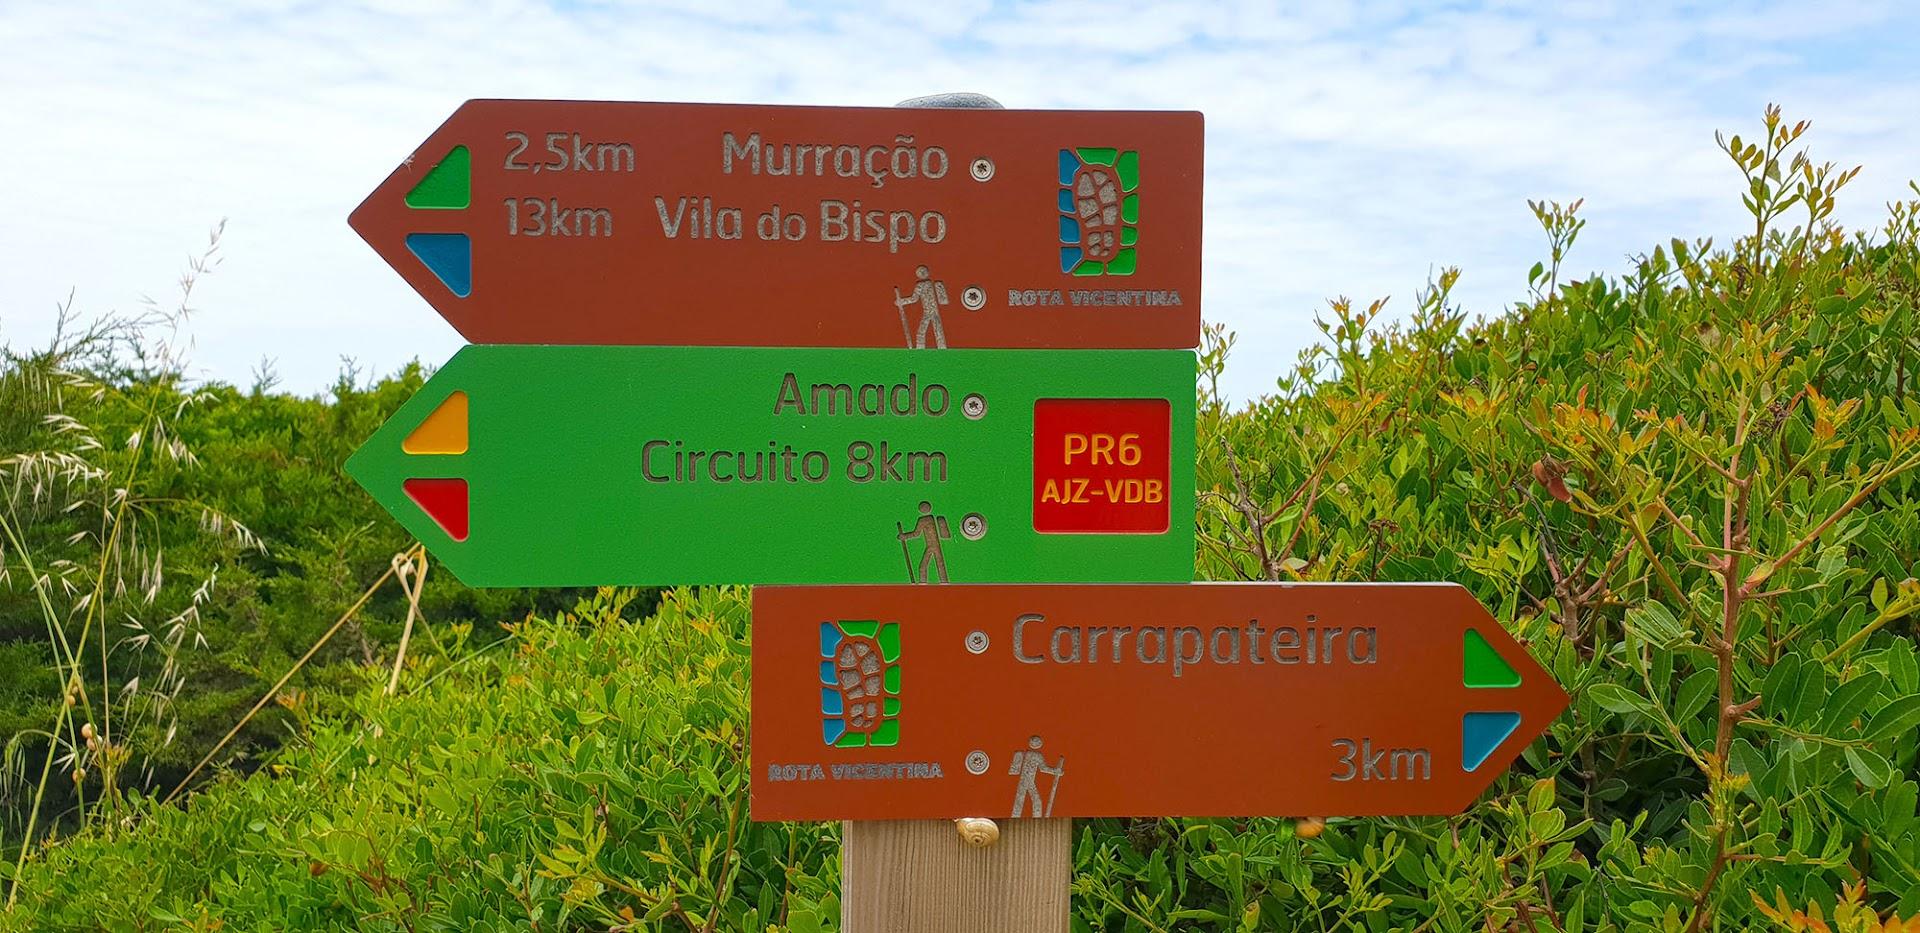 Fazer a ROTA VICENTINA | 750 km de trilhos desde São Torpes e Santiago do Cacém a Lagos